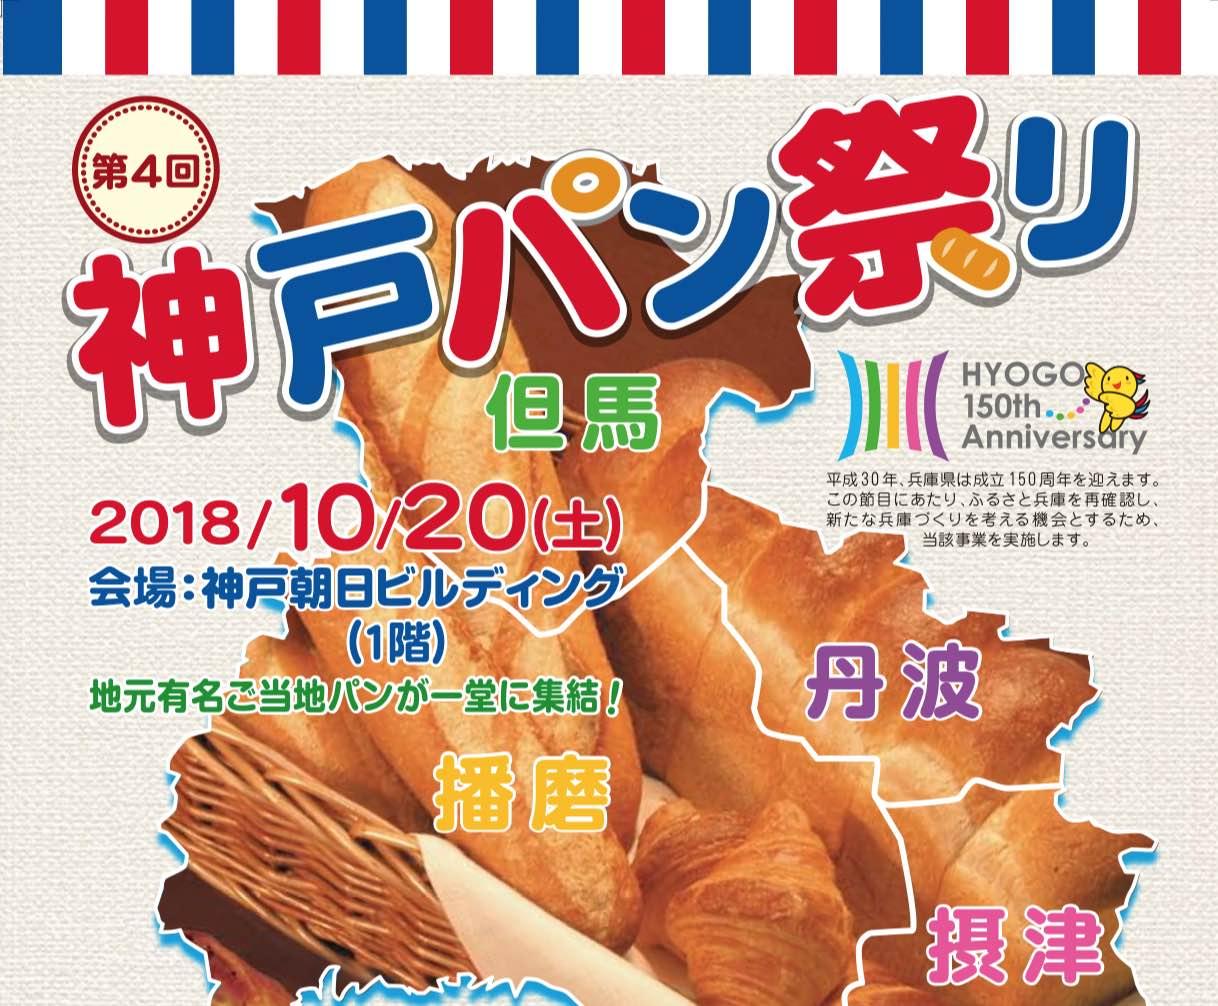 2018年も開催!「第4回 神戸パン祭り」に名店12店が出店。無料で黒糖レーズンコッペパンが先着でもらえる!